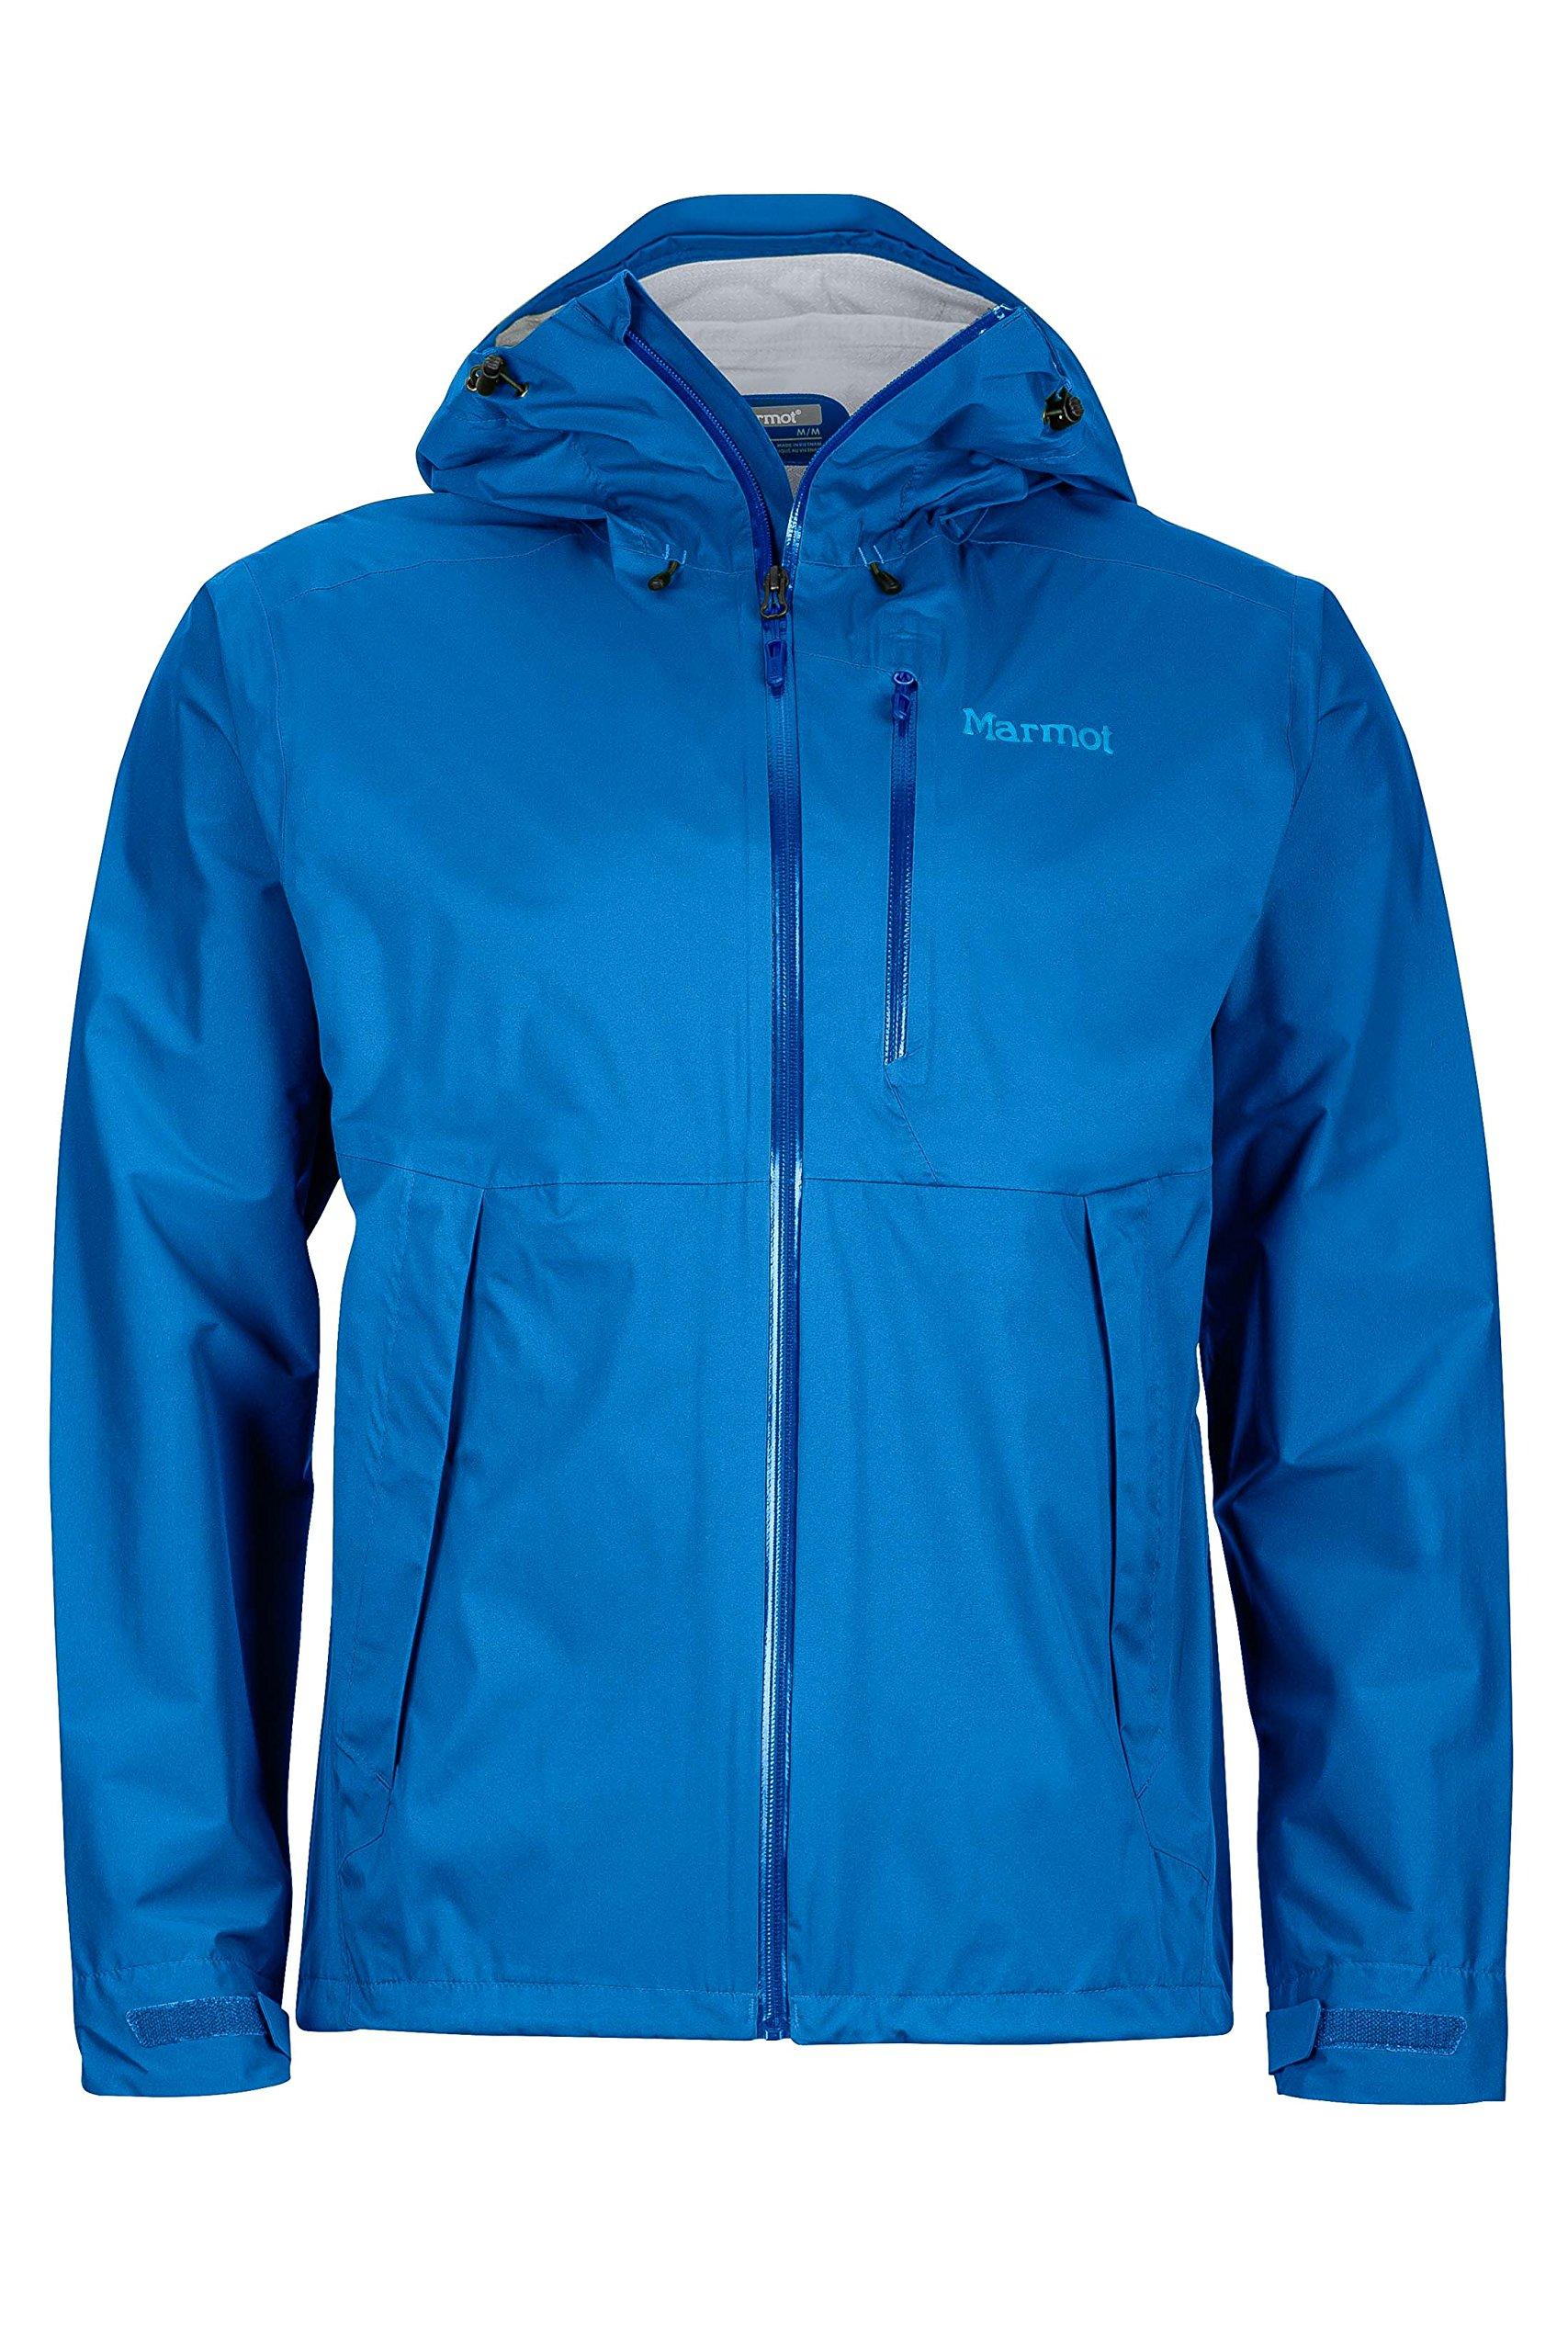 Marmot Magus Men's Lightweight Waterproof Rain Jacket, X-Large, True Blue by Marmot